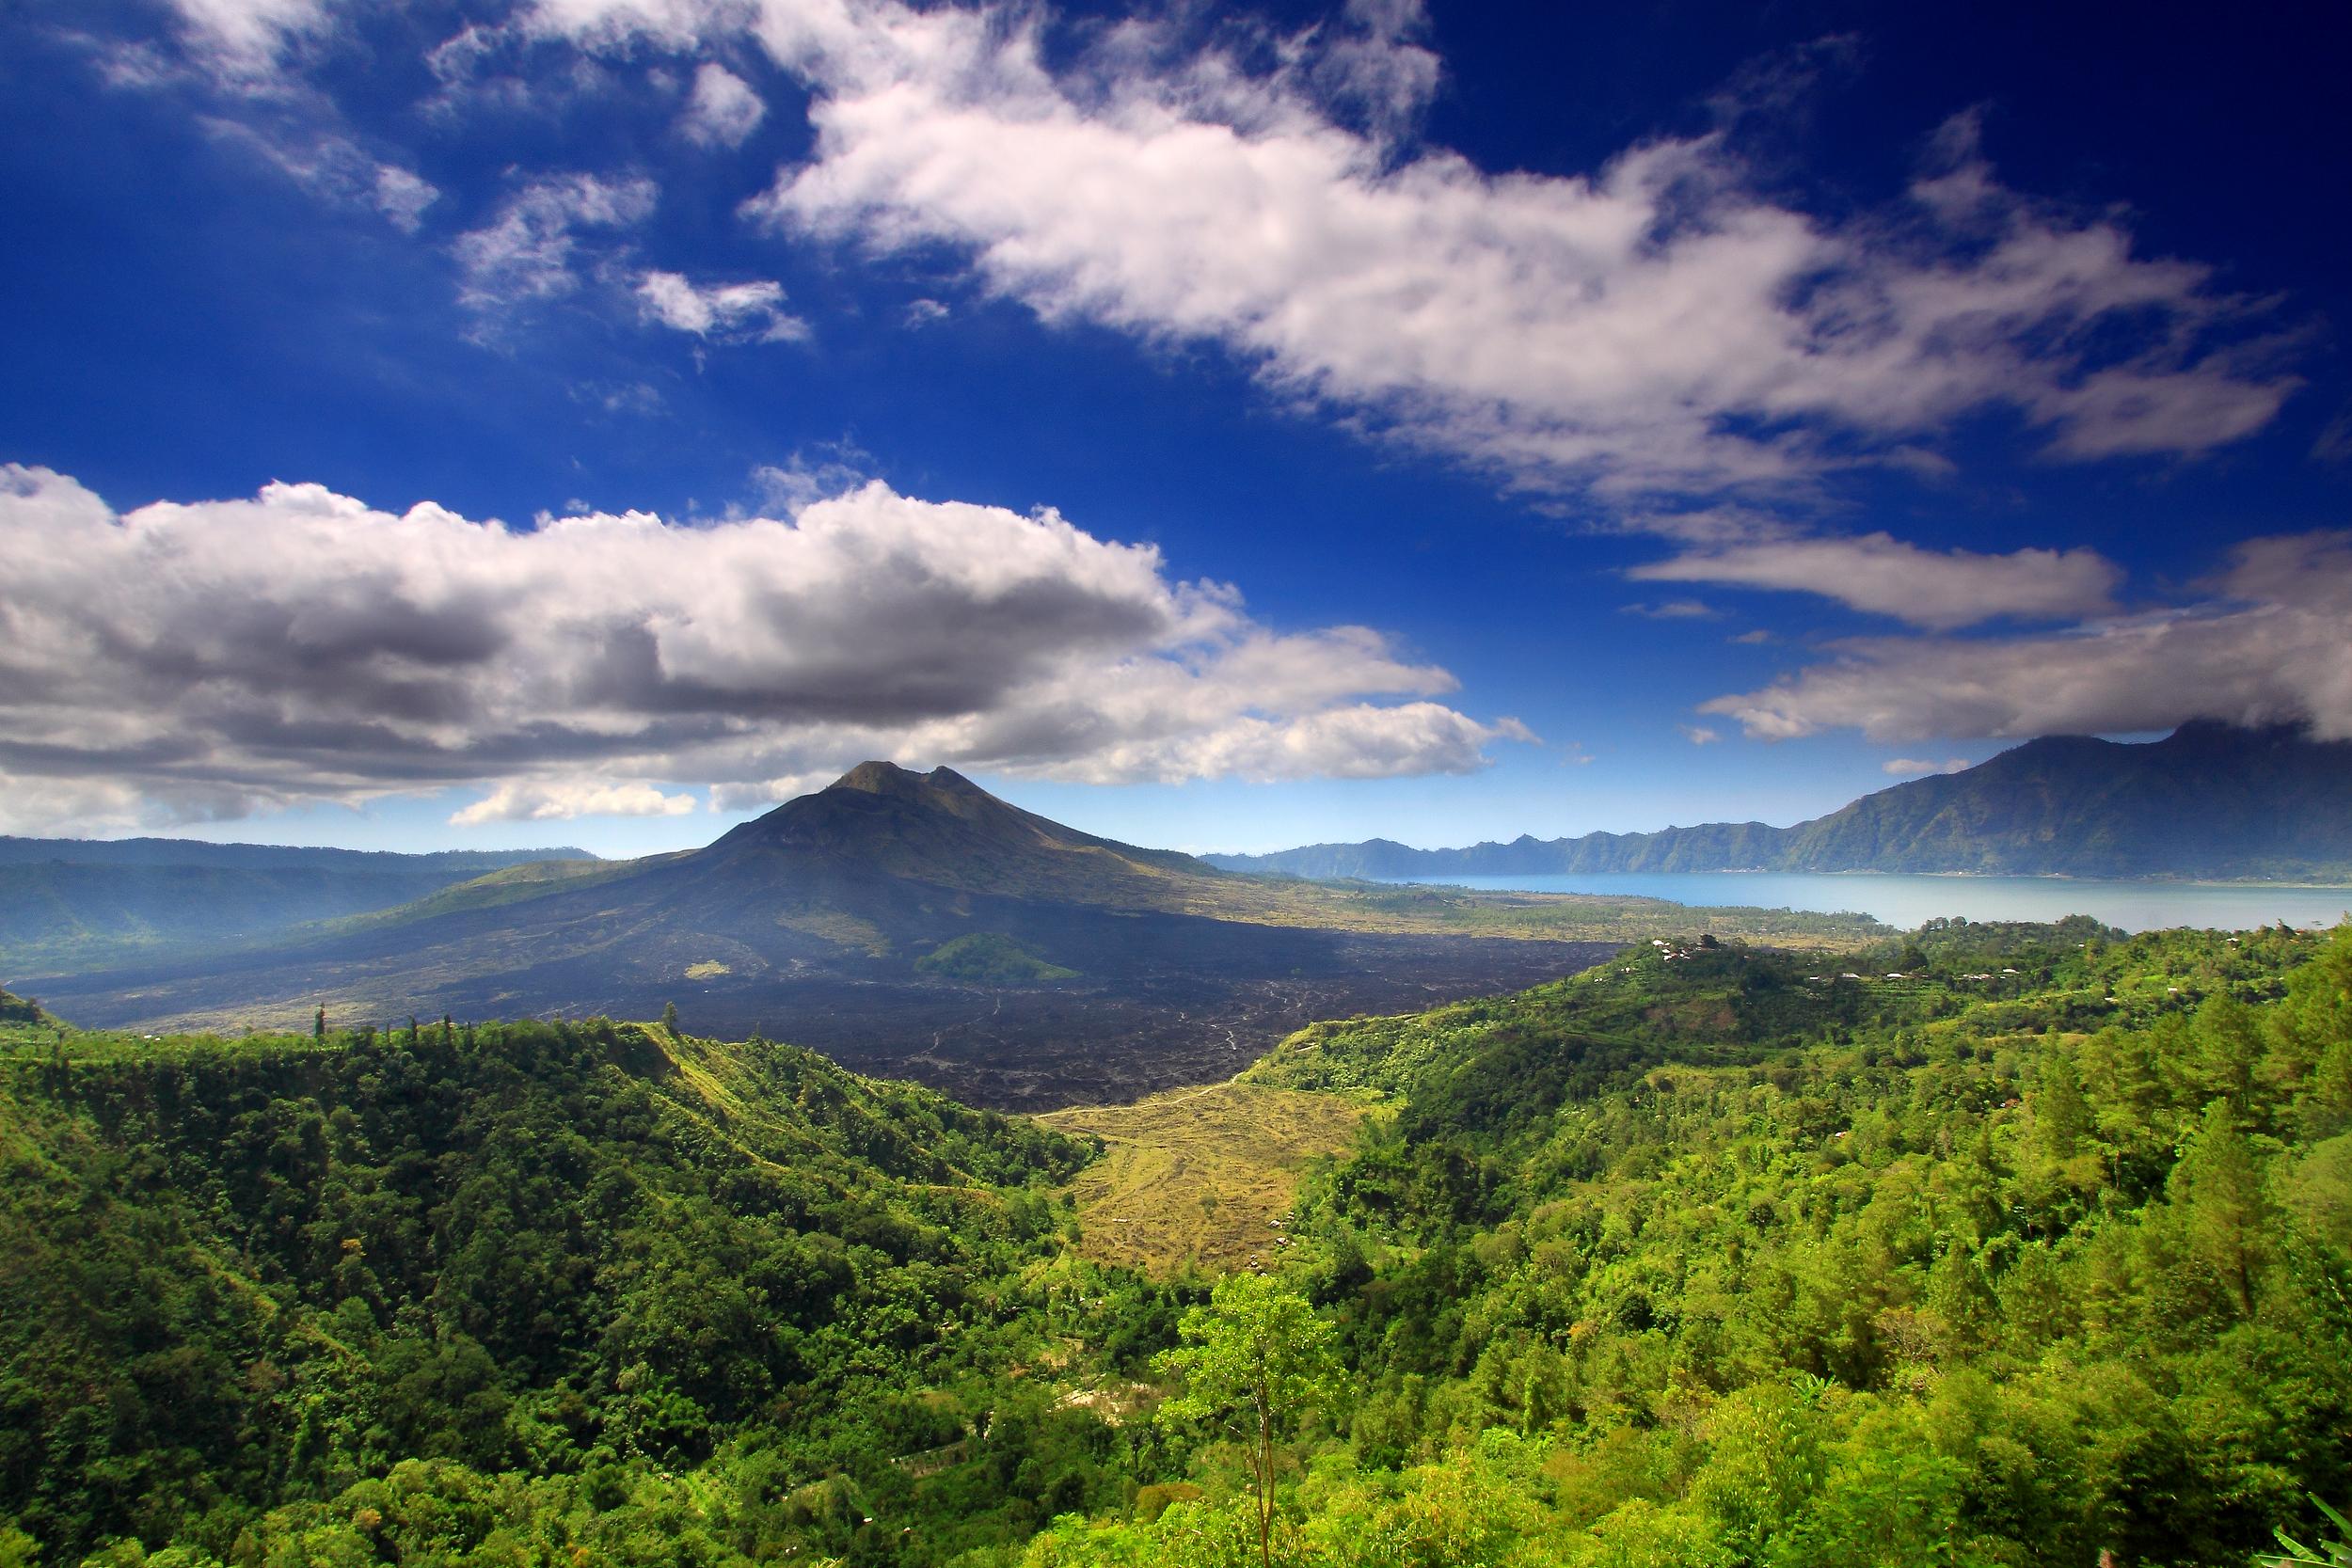 Mt Batur, Kintamani